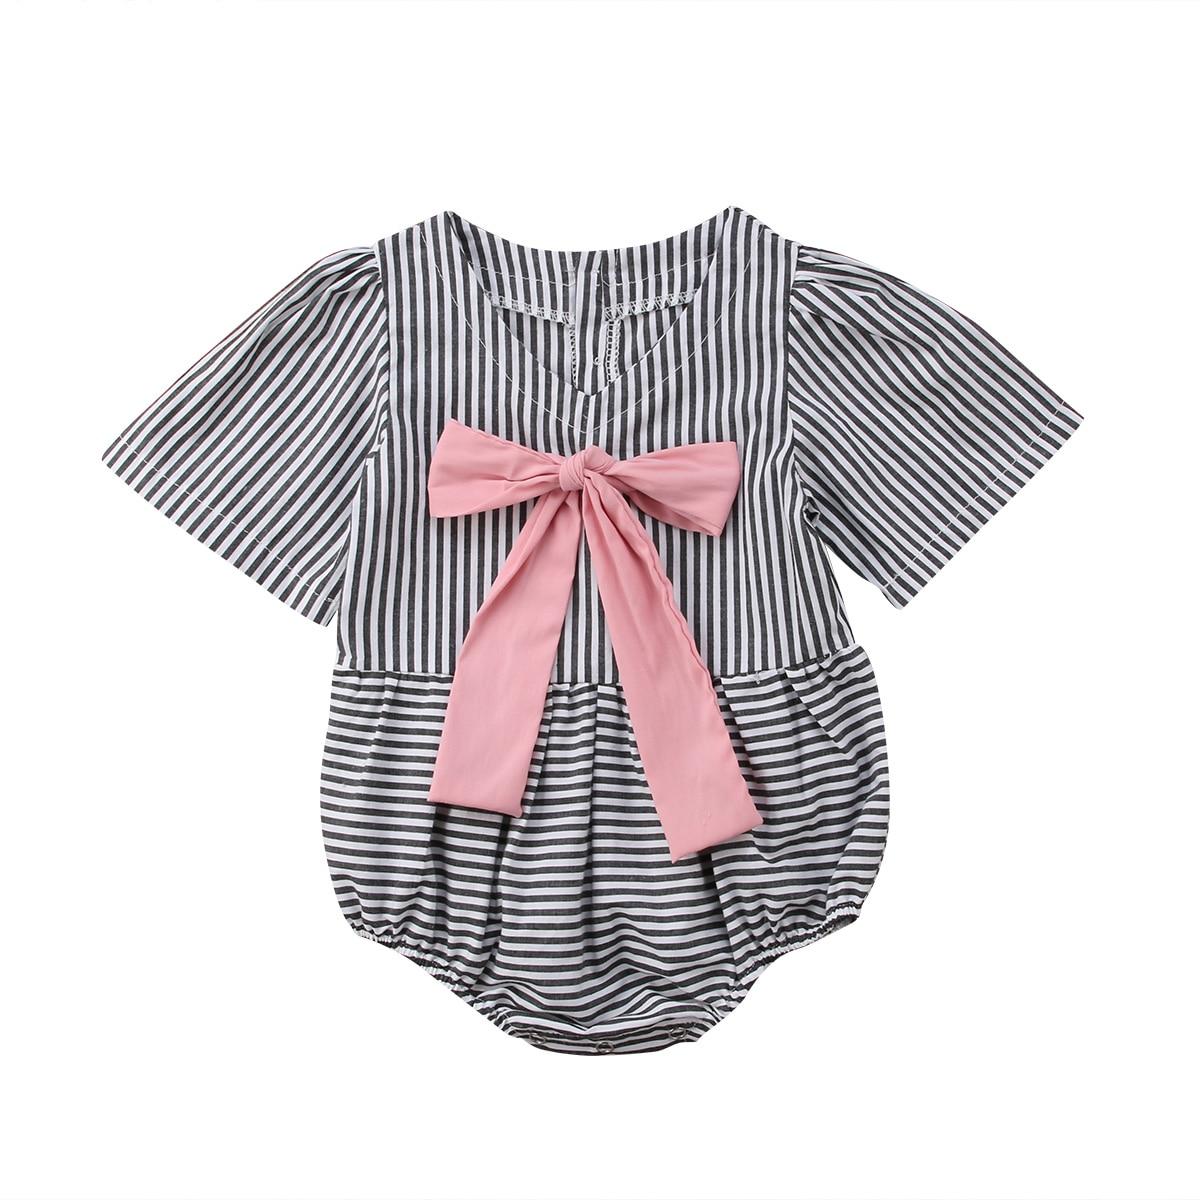 2018 платье для маленьких девочек боди черные и белые в полоску боди комбинезон модная симпатичная одежда наряд 0-24 м